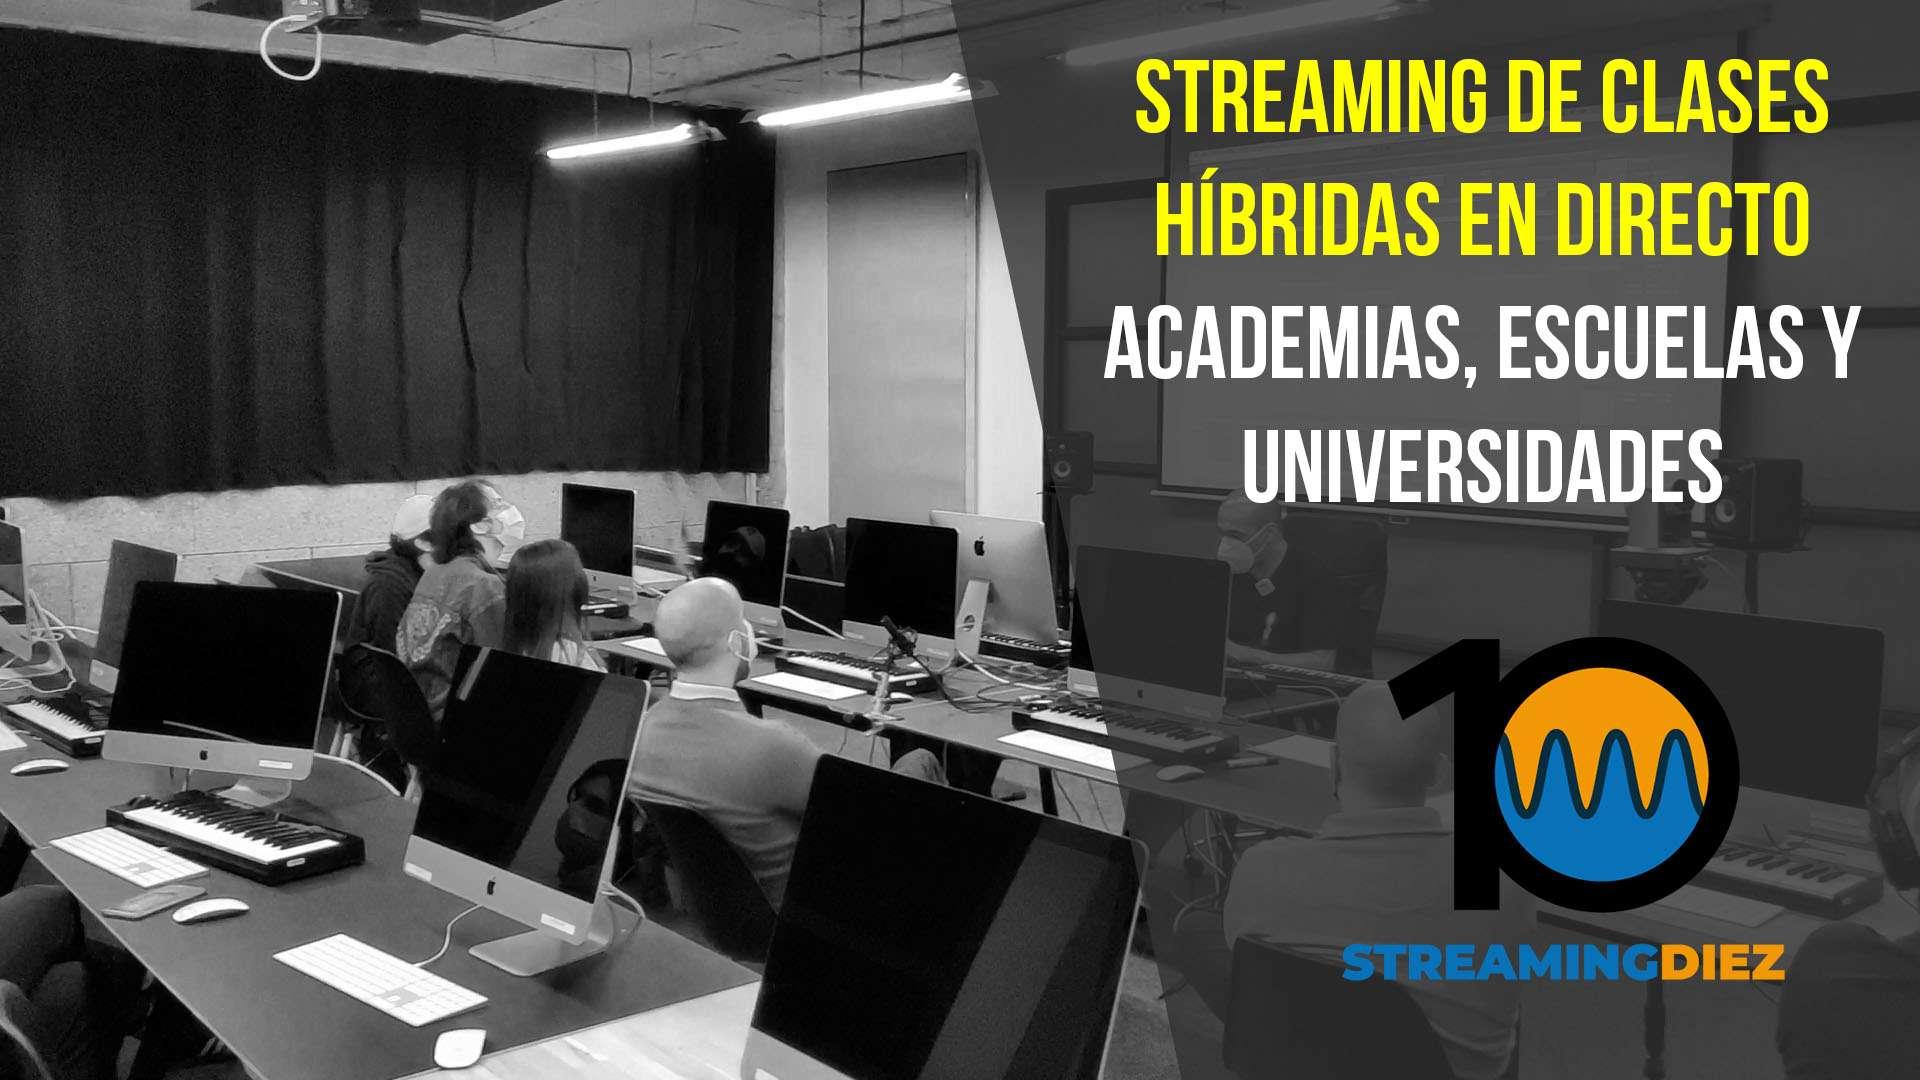 Cómo transmitir clases híbridas por streaming en directo para escuelas, academias y universidades